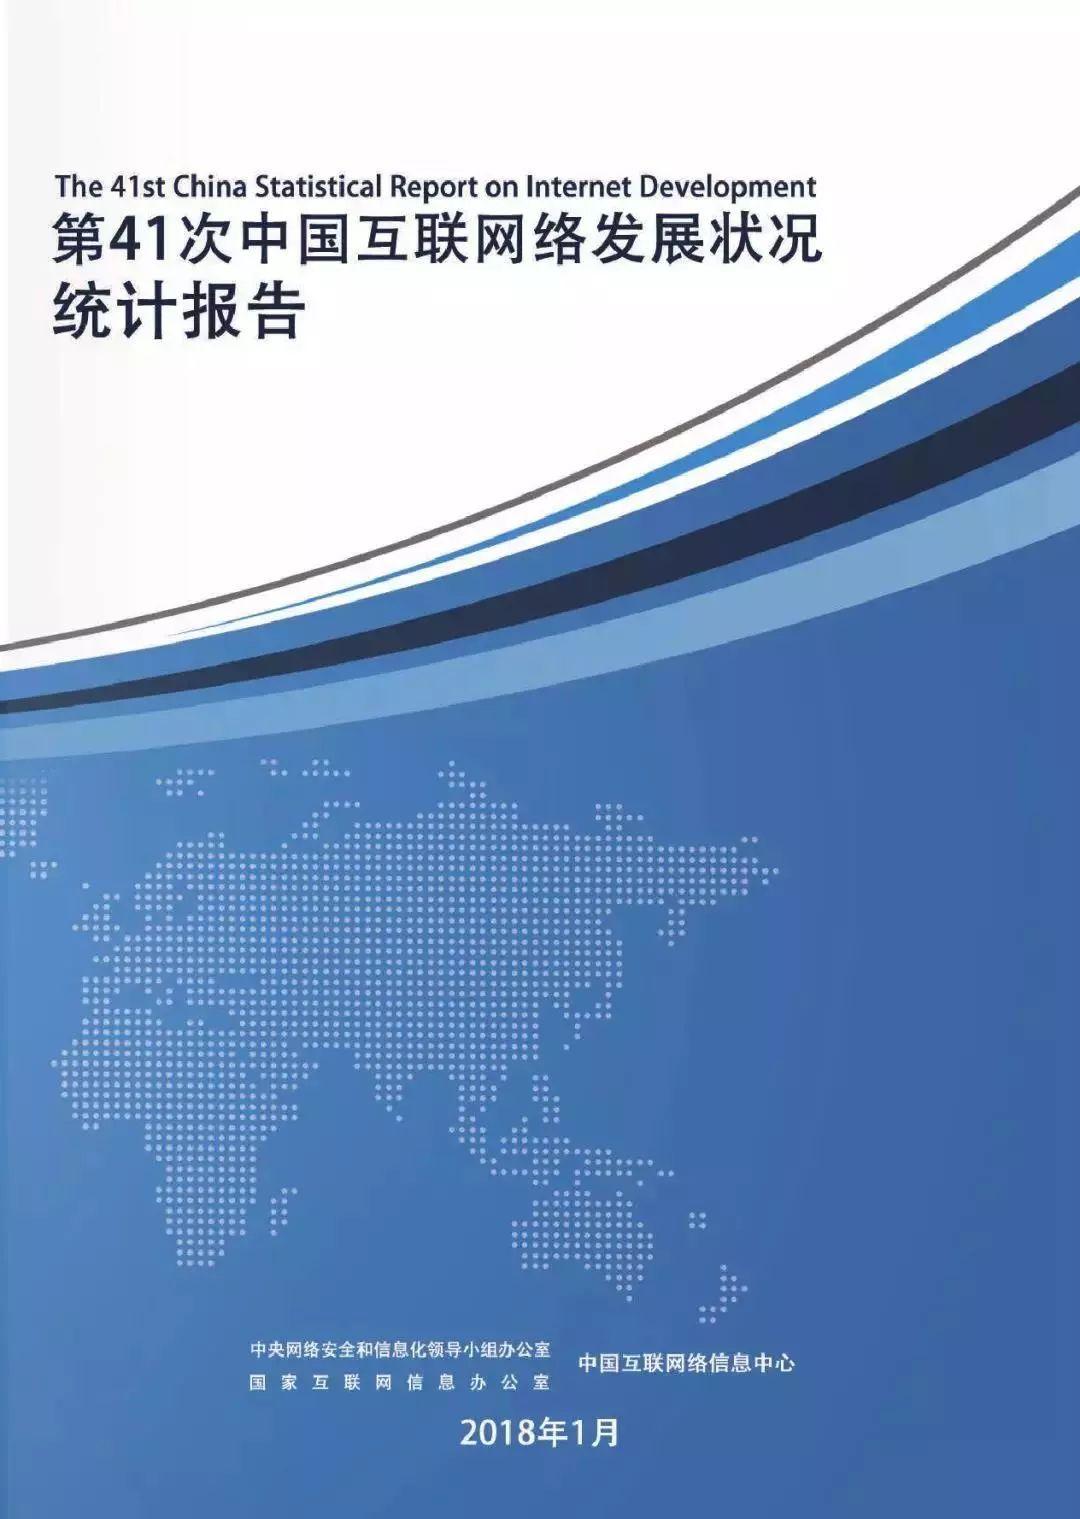 互联网特征_2018年第41次中国互联网络发展状况统计报告:移动互联网的三个